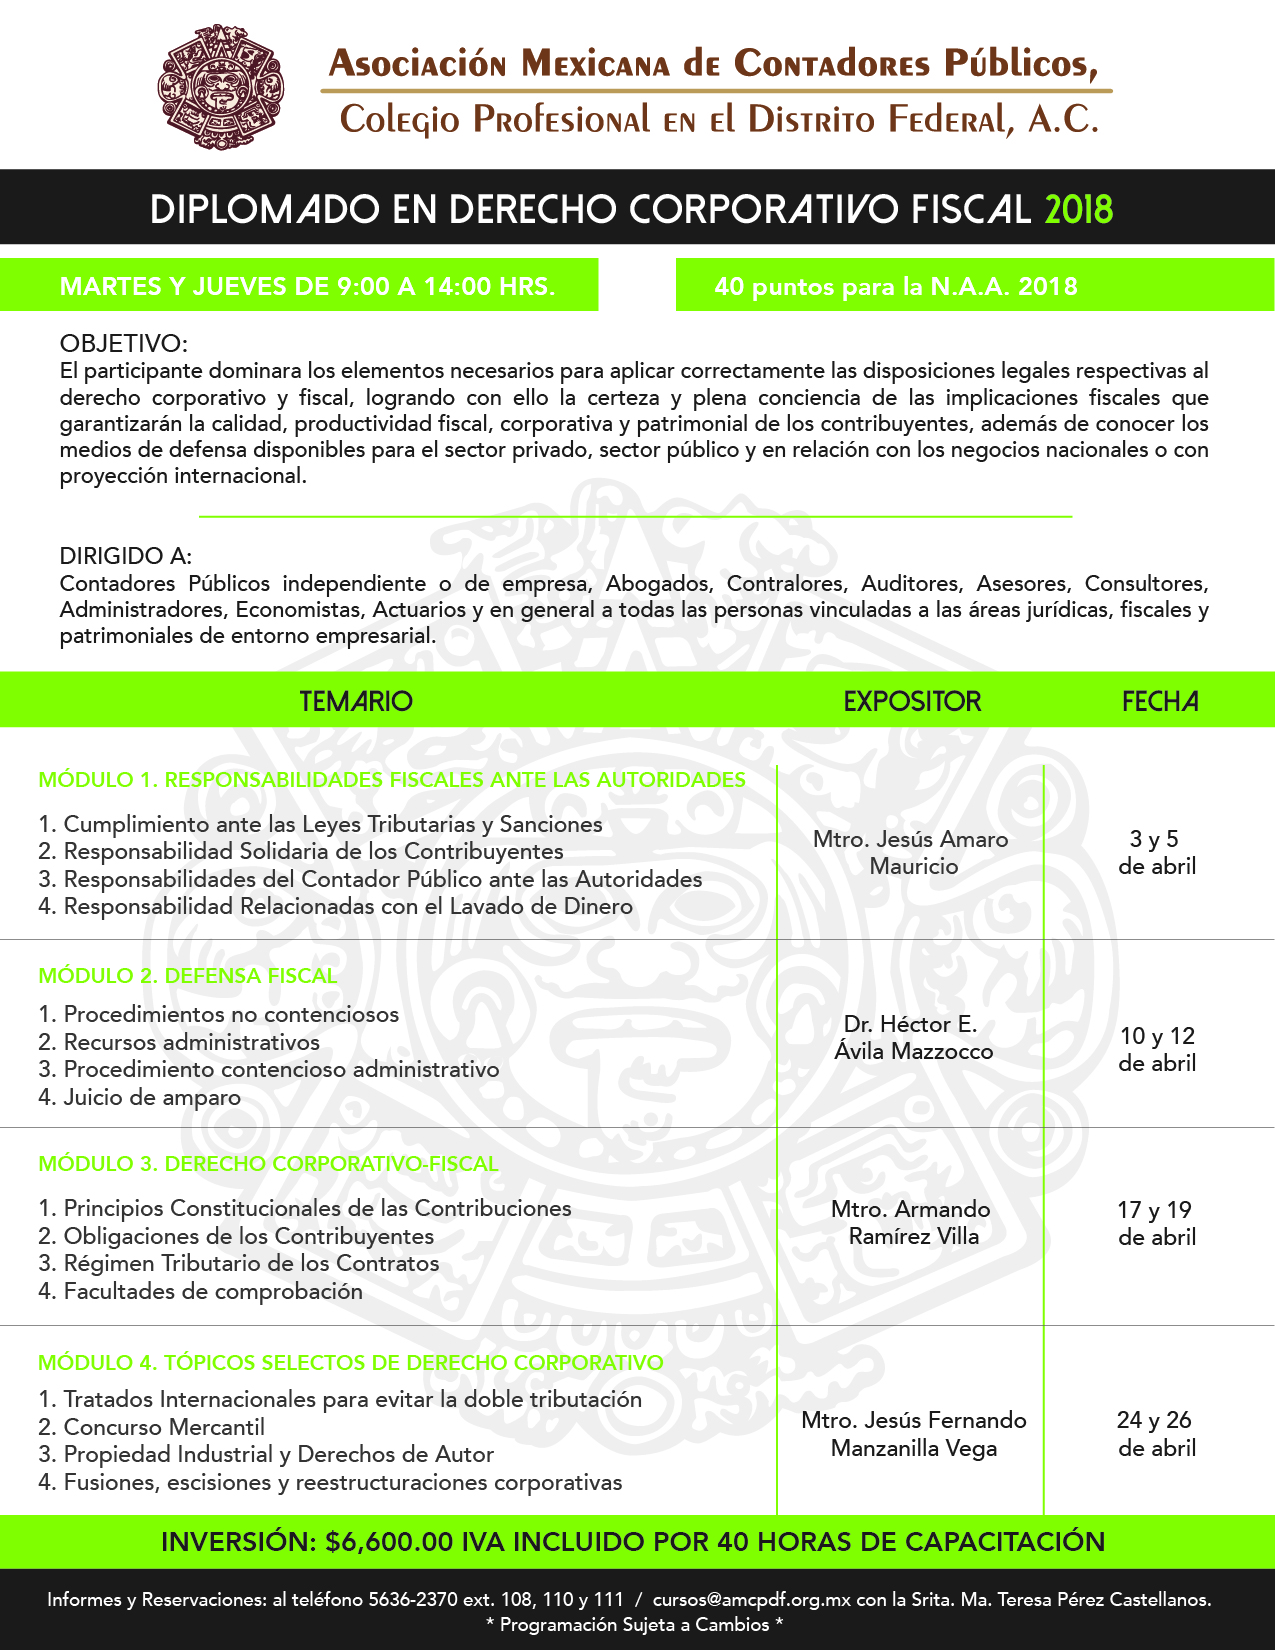 derecho coporativo fiscal 2018-01